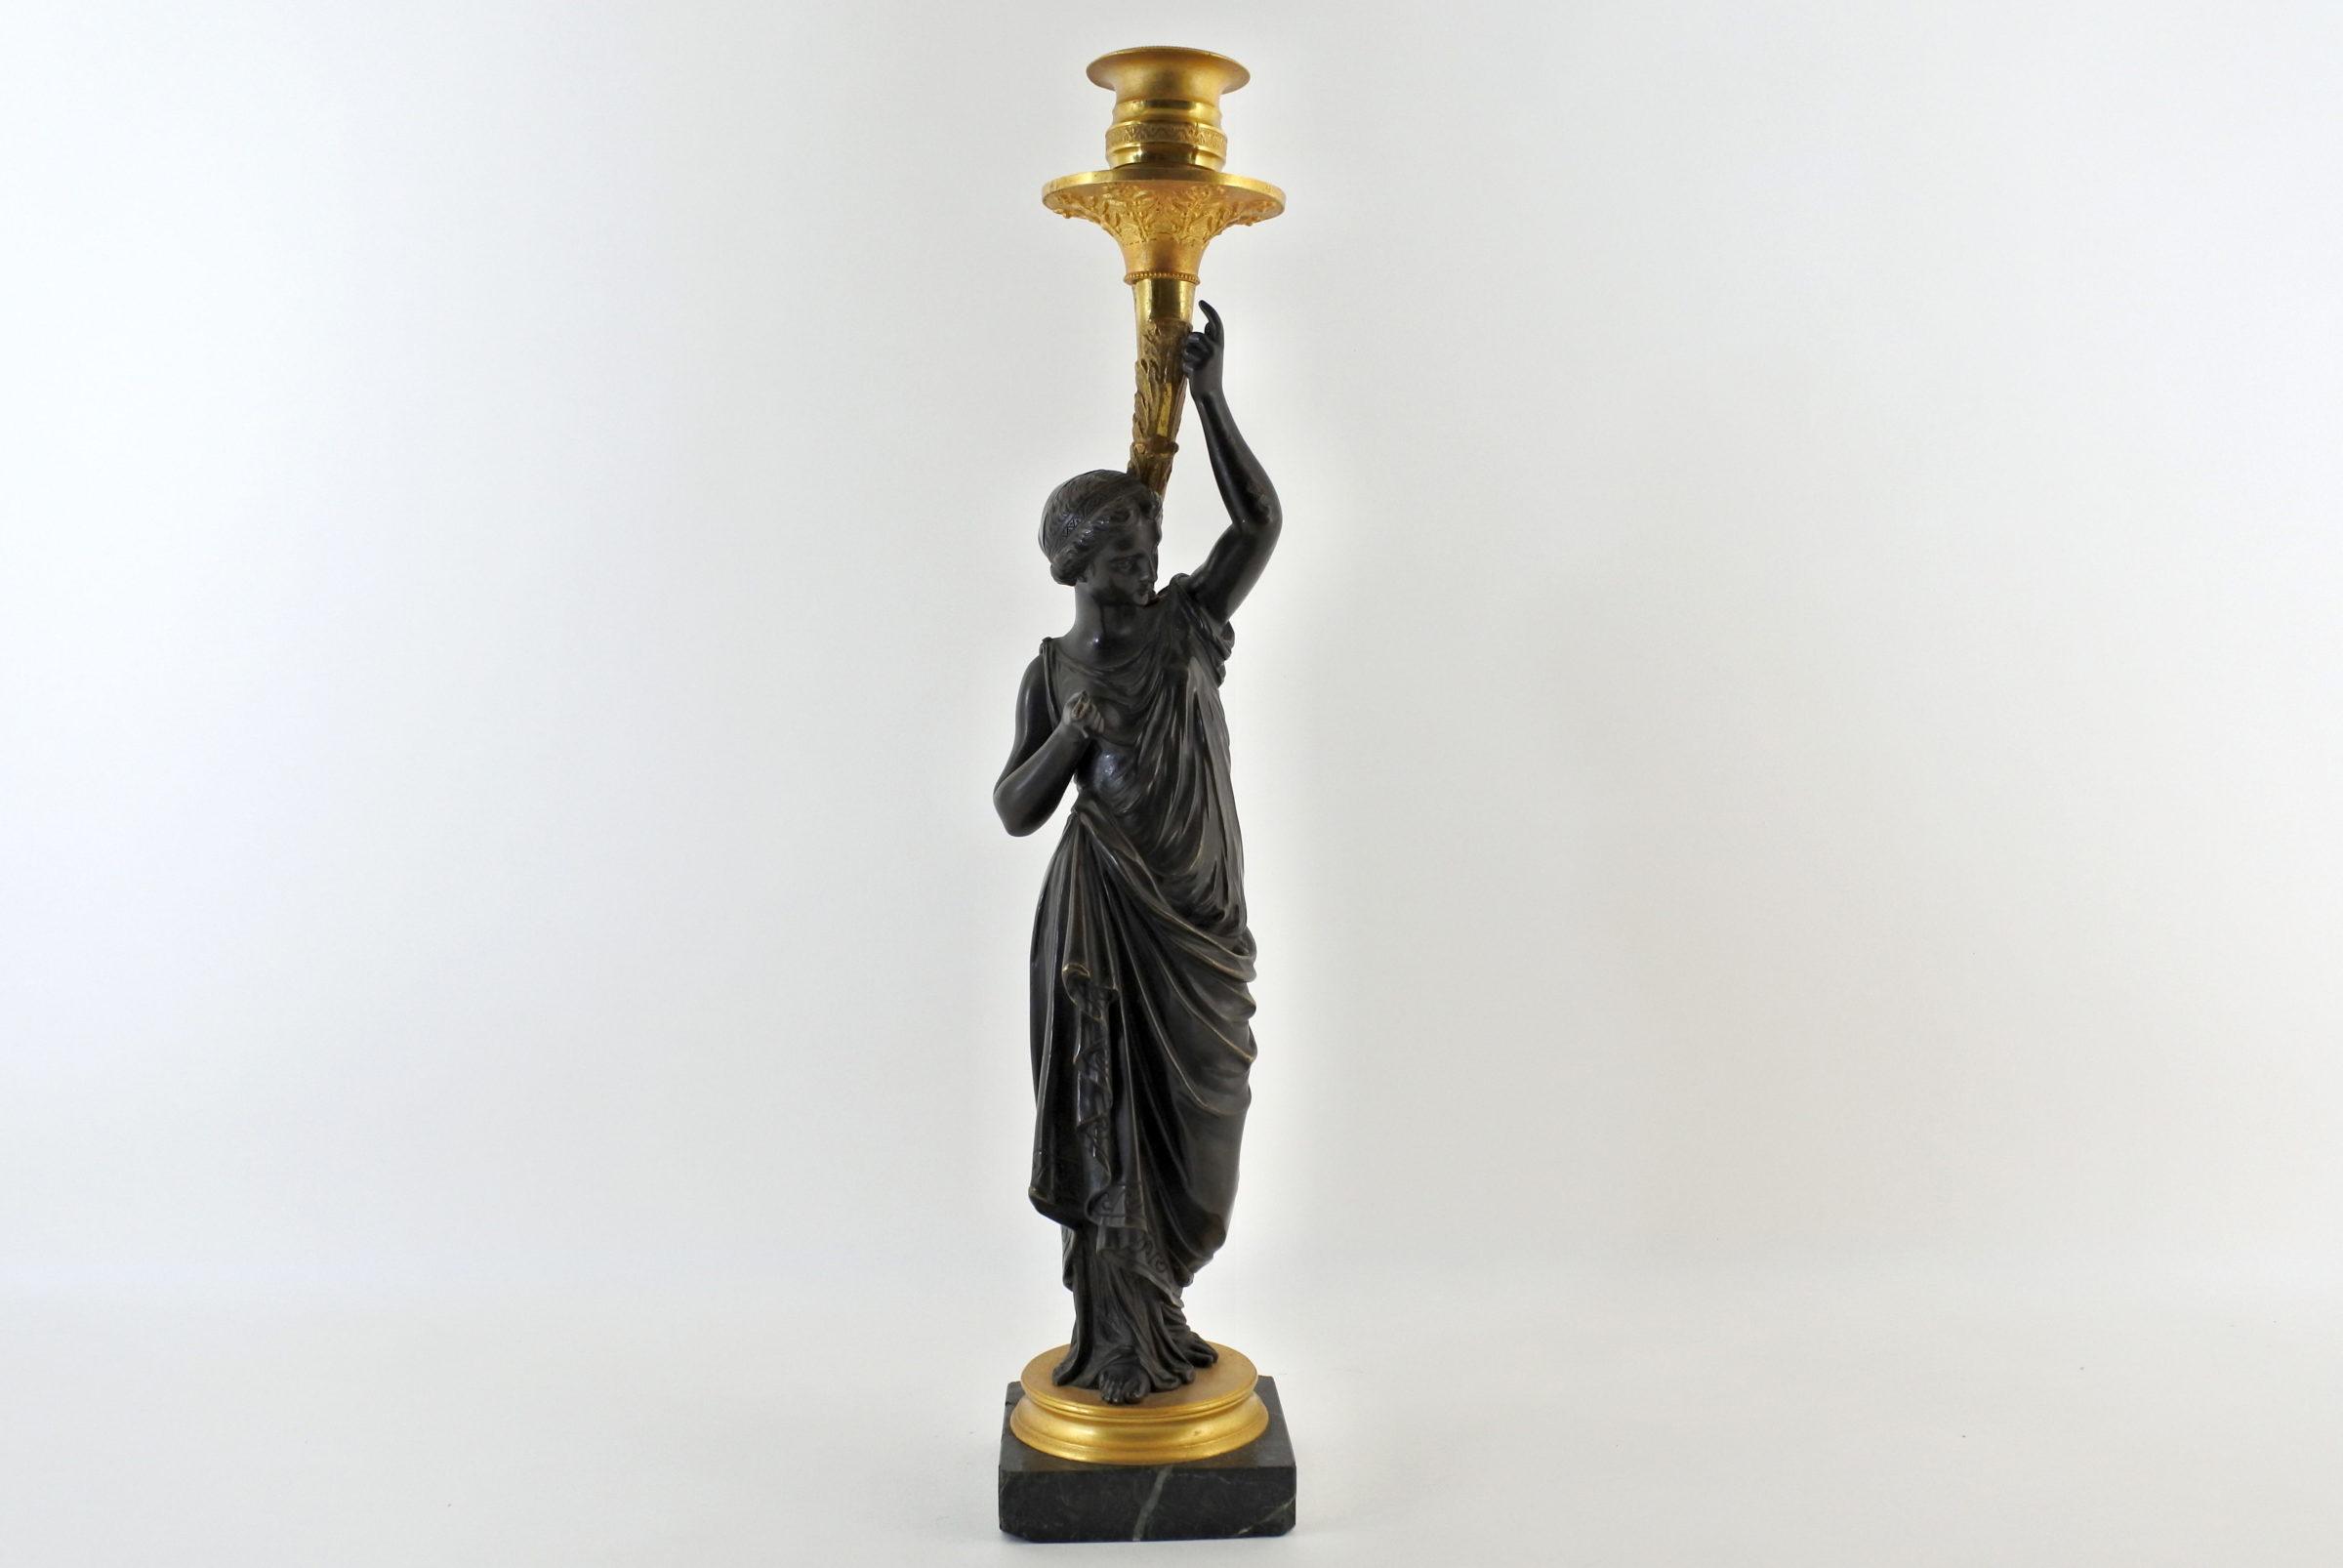 Candeliere in bronzo con parti dorate al mercurio